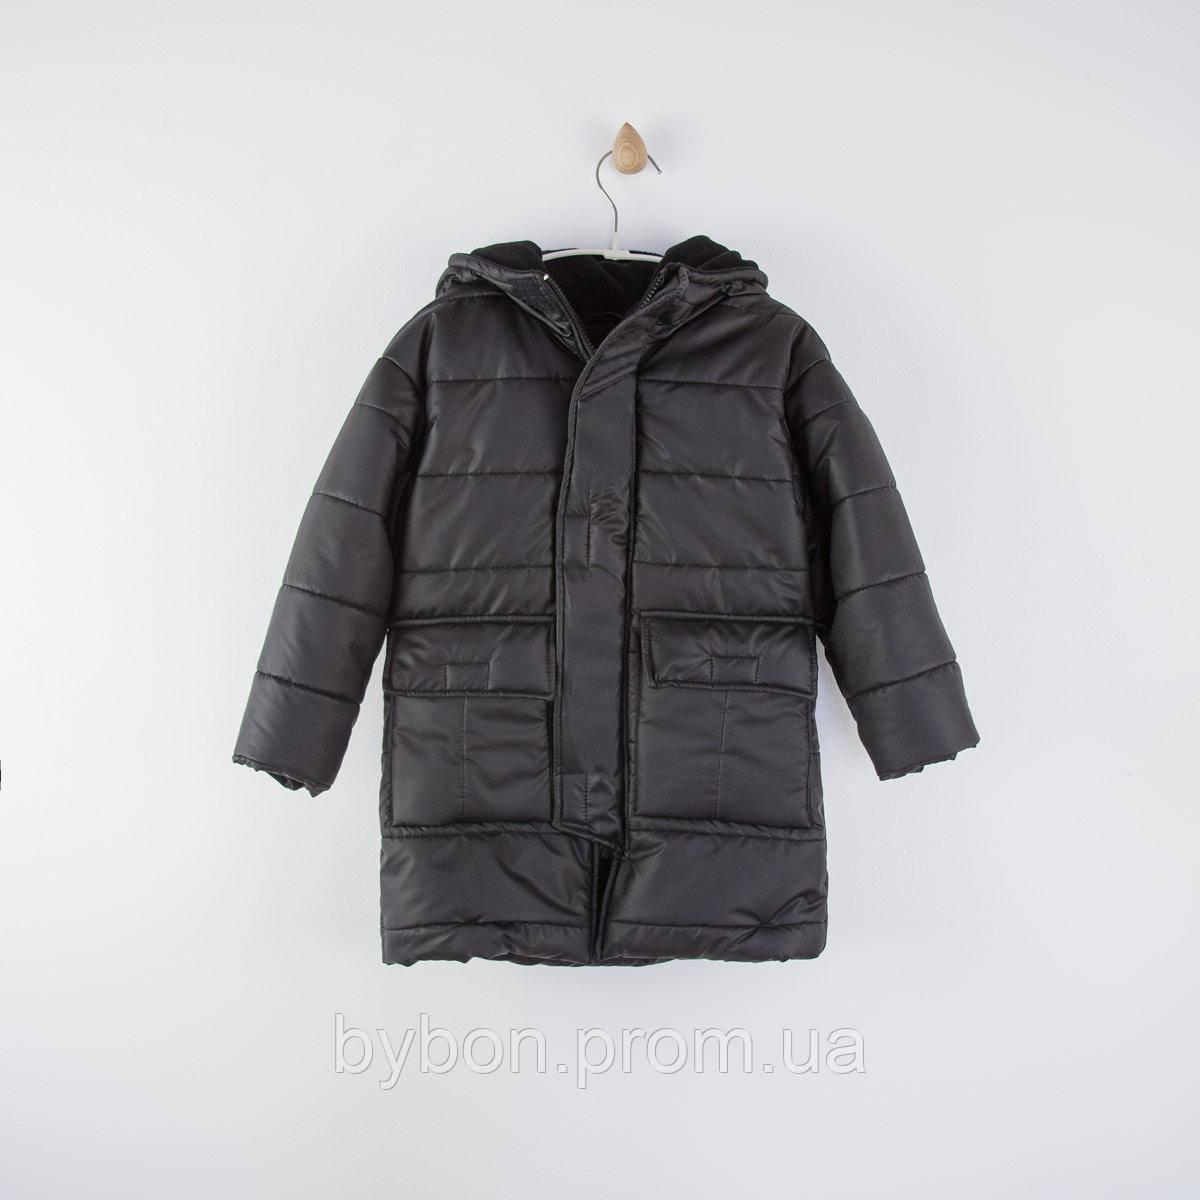 Детская куртка-пуховик Filbert рост  92-134